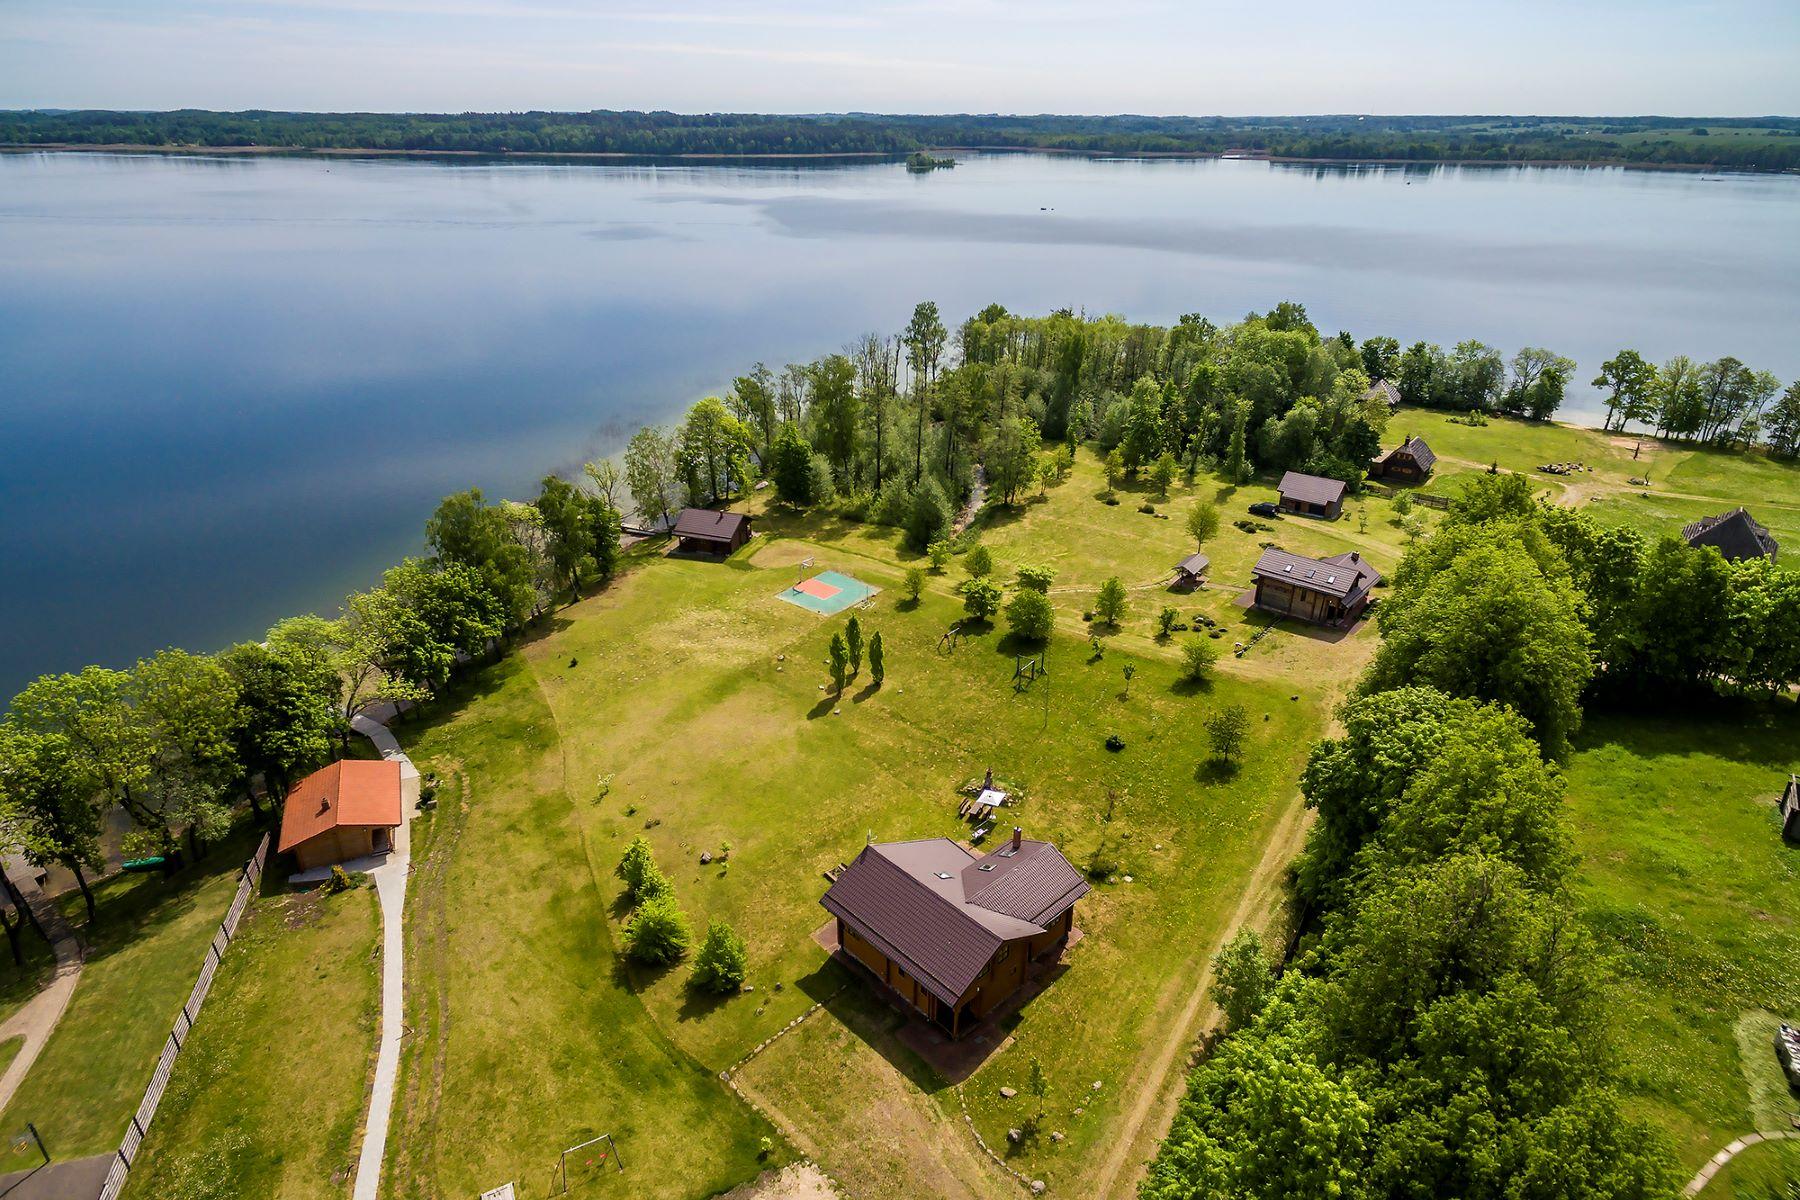 Maison unifamiliale pour l Vente à Natural Retreat Beside Alausas Lake Autres Cities In Lithuania, Cities In Lithuania, Lithuanie